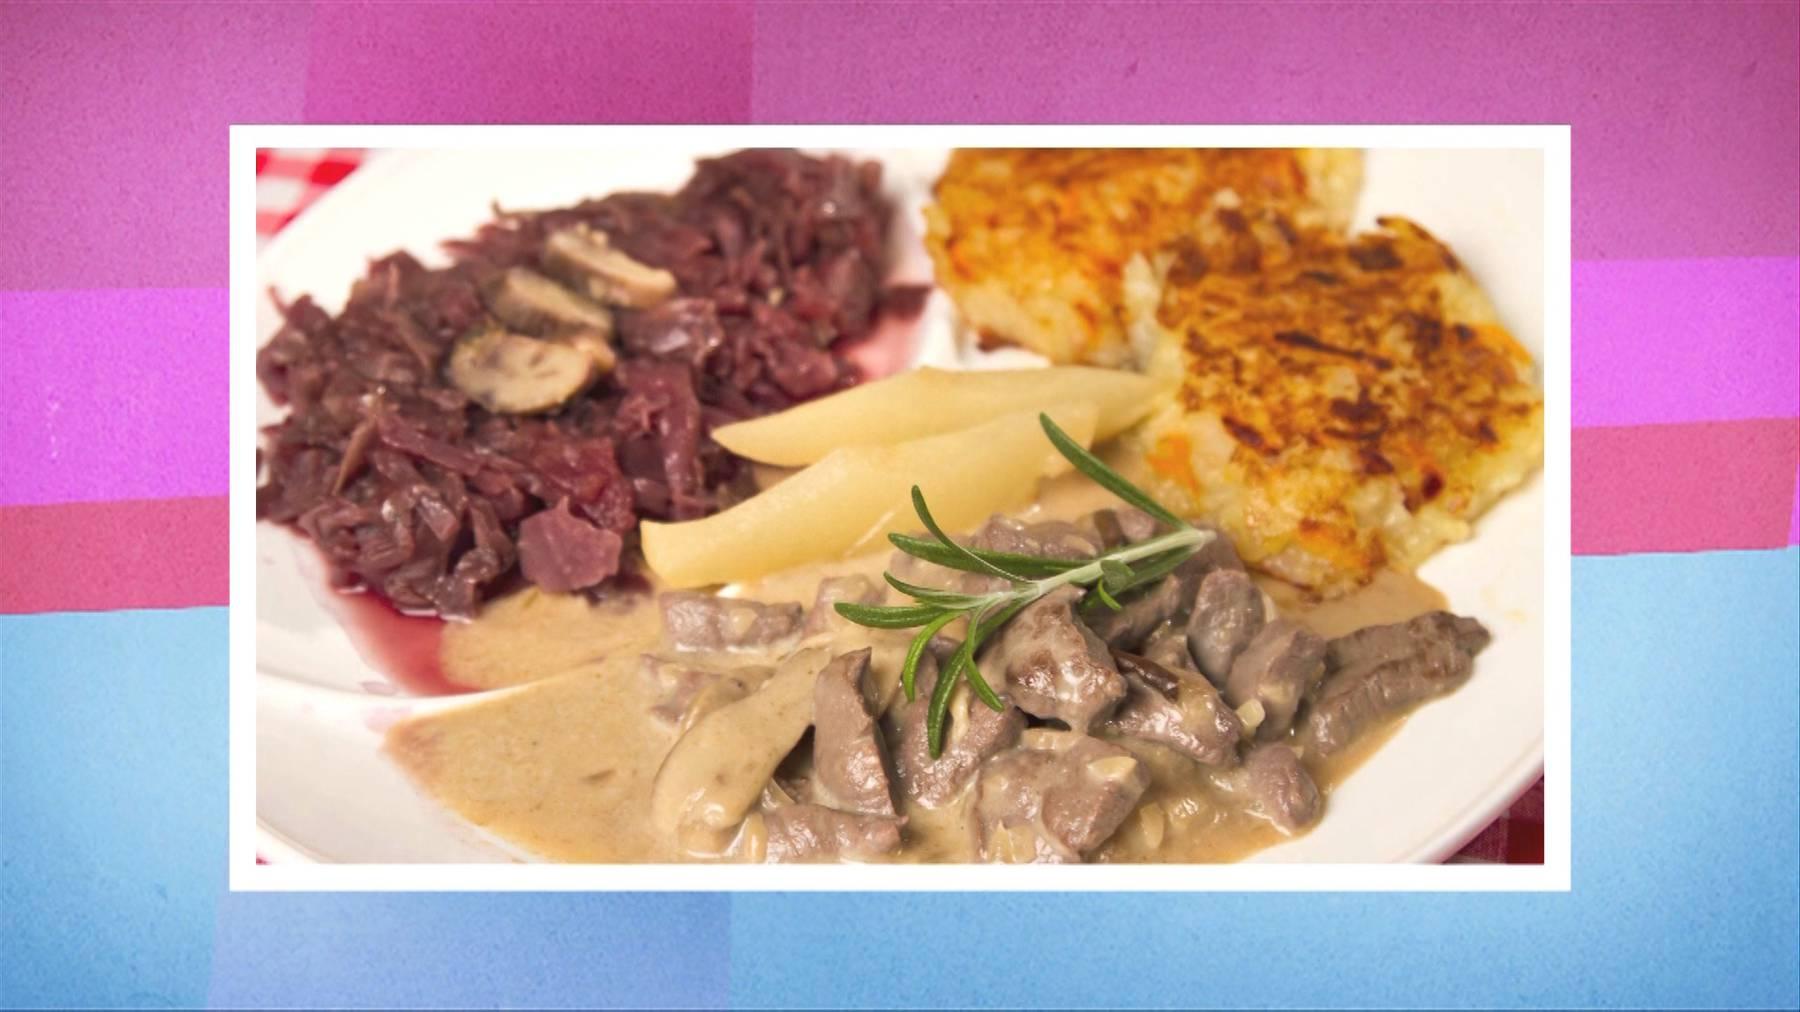 Rehgeschnetzeltes an Pilzrahmsauce, Rösti und Rotkraut